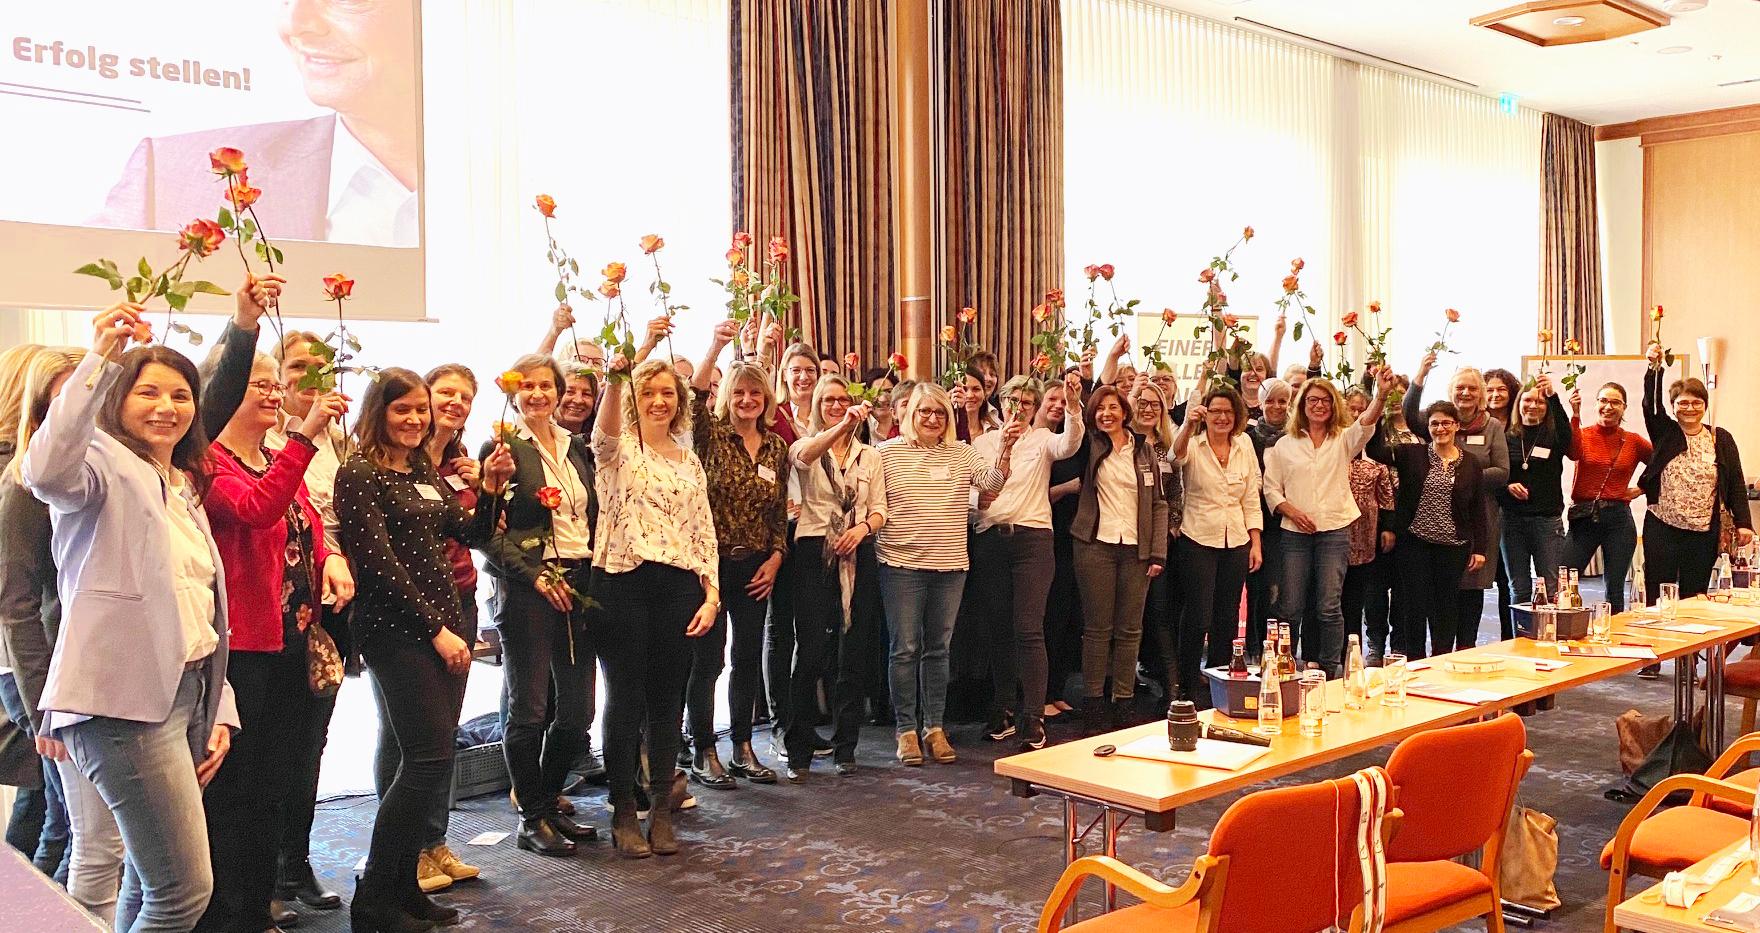 Frauengruppe mit Rosen in den Händen